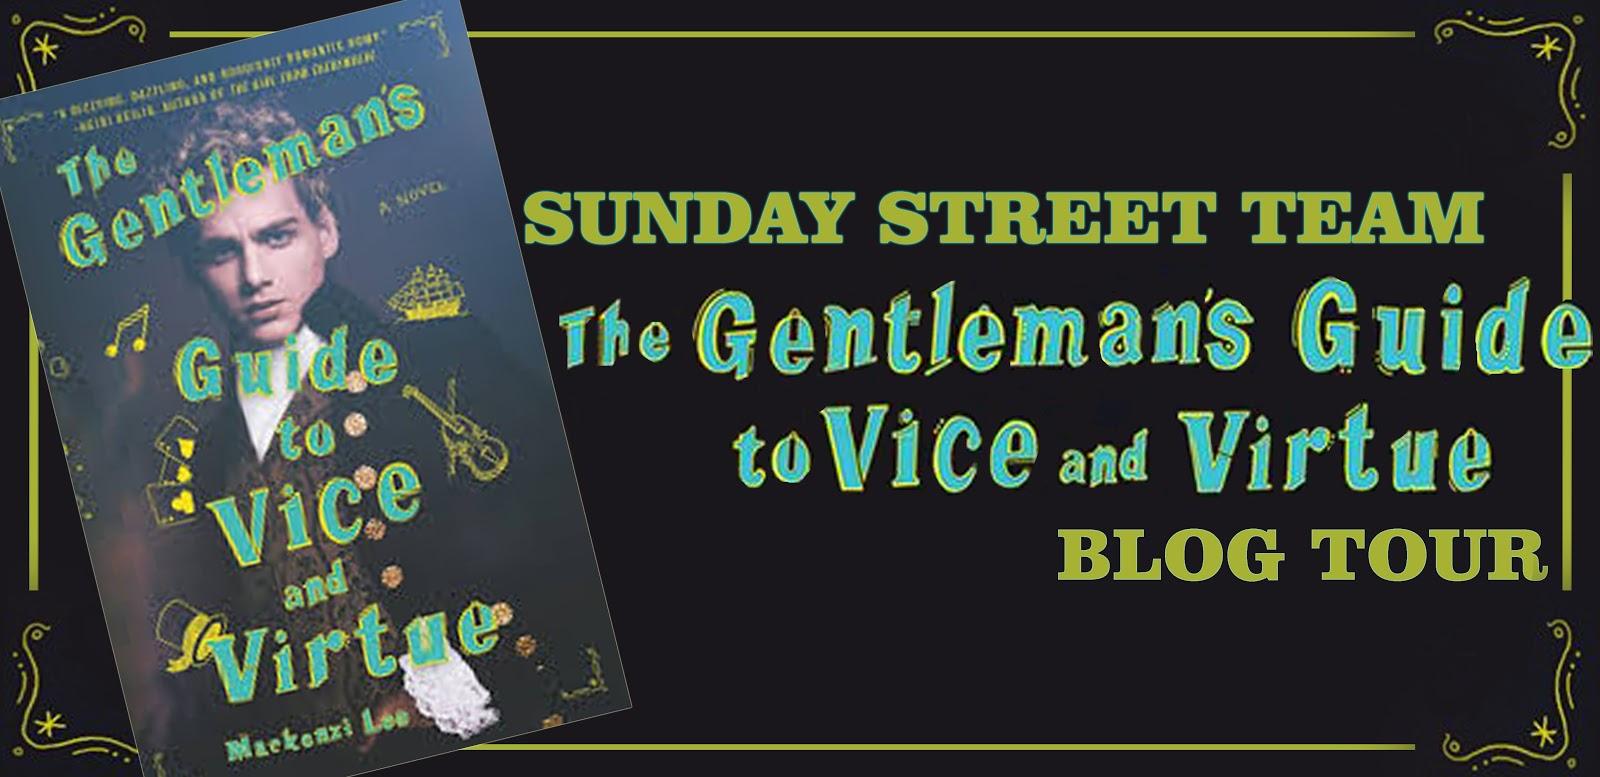 Gentleman's Guide Banner.jpg